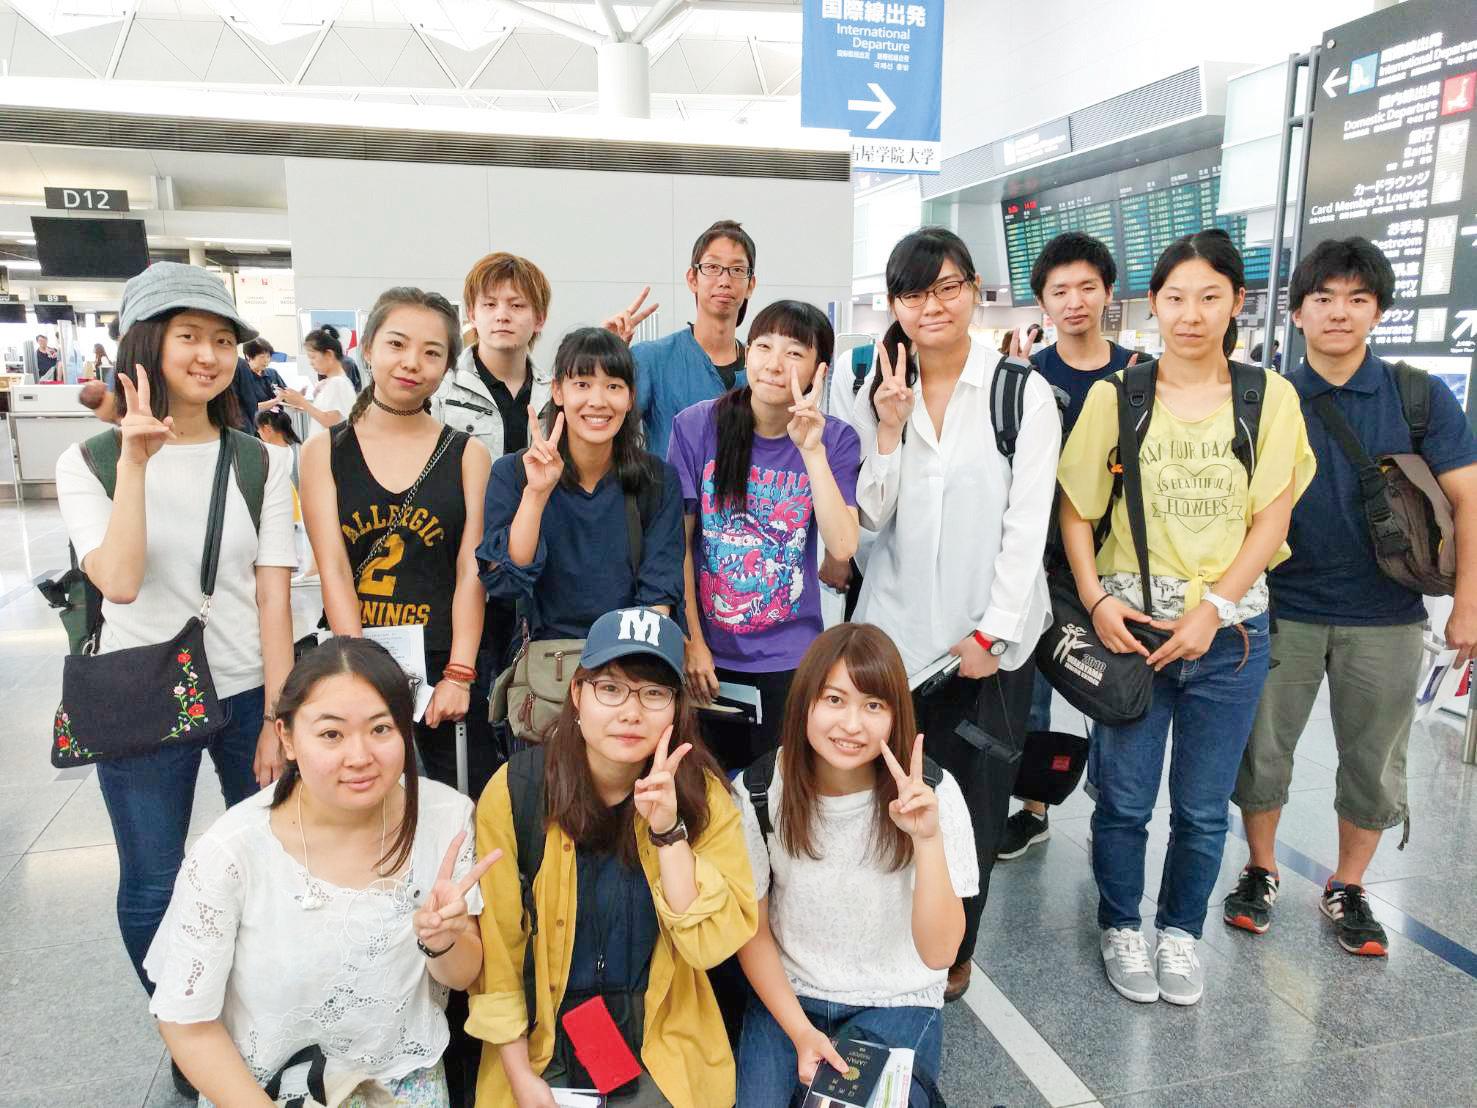 西オーストラリア大学への短期留学参加者